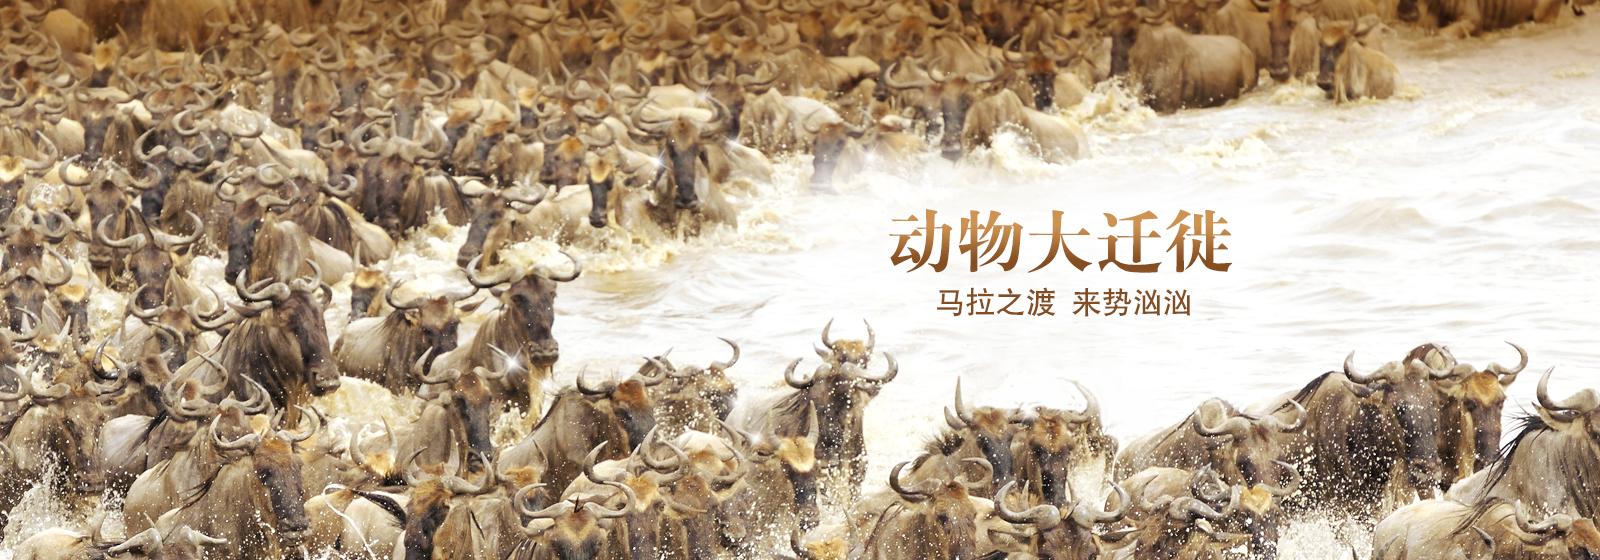 动物大迁徙-马拉之渡·来势汹汹